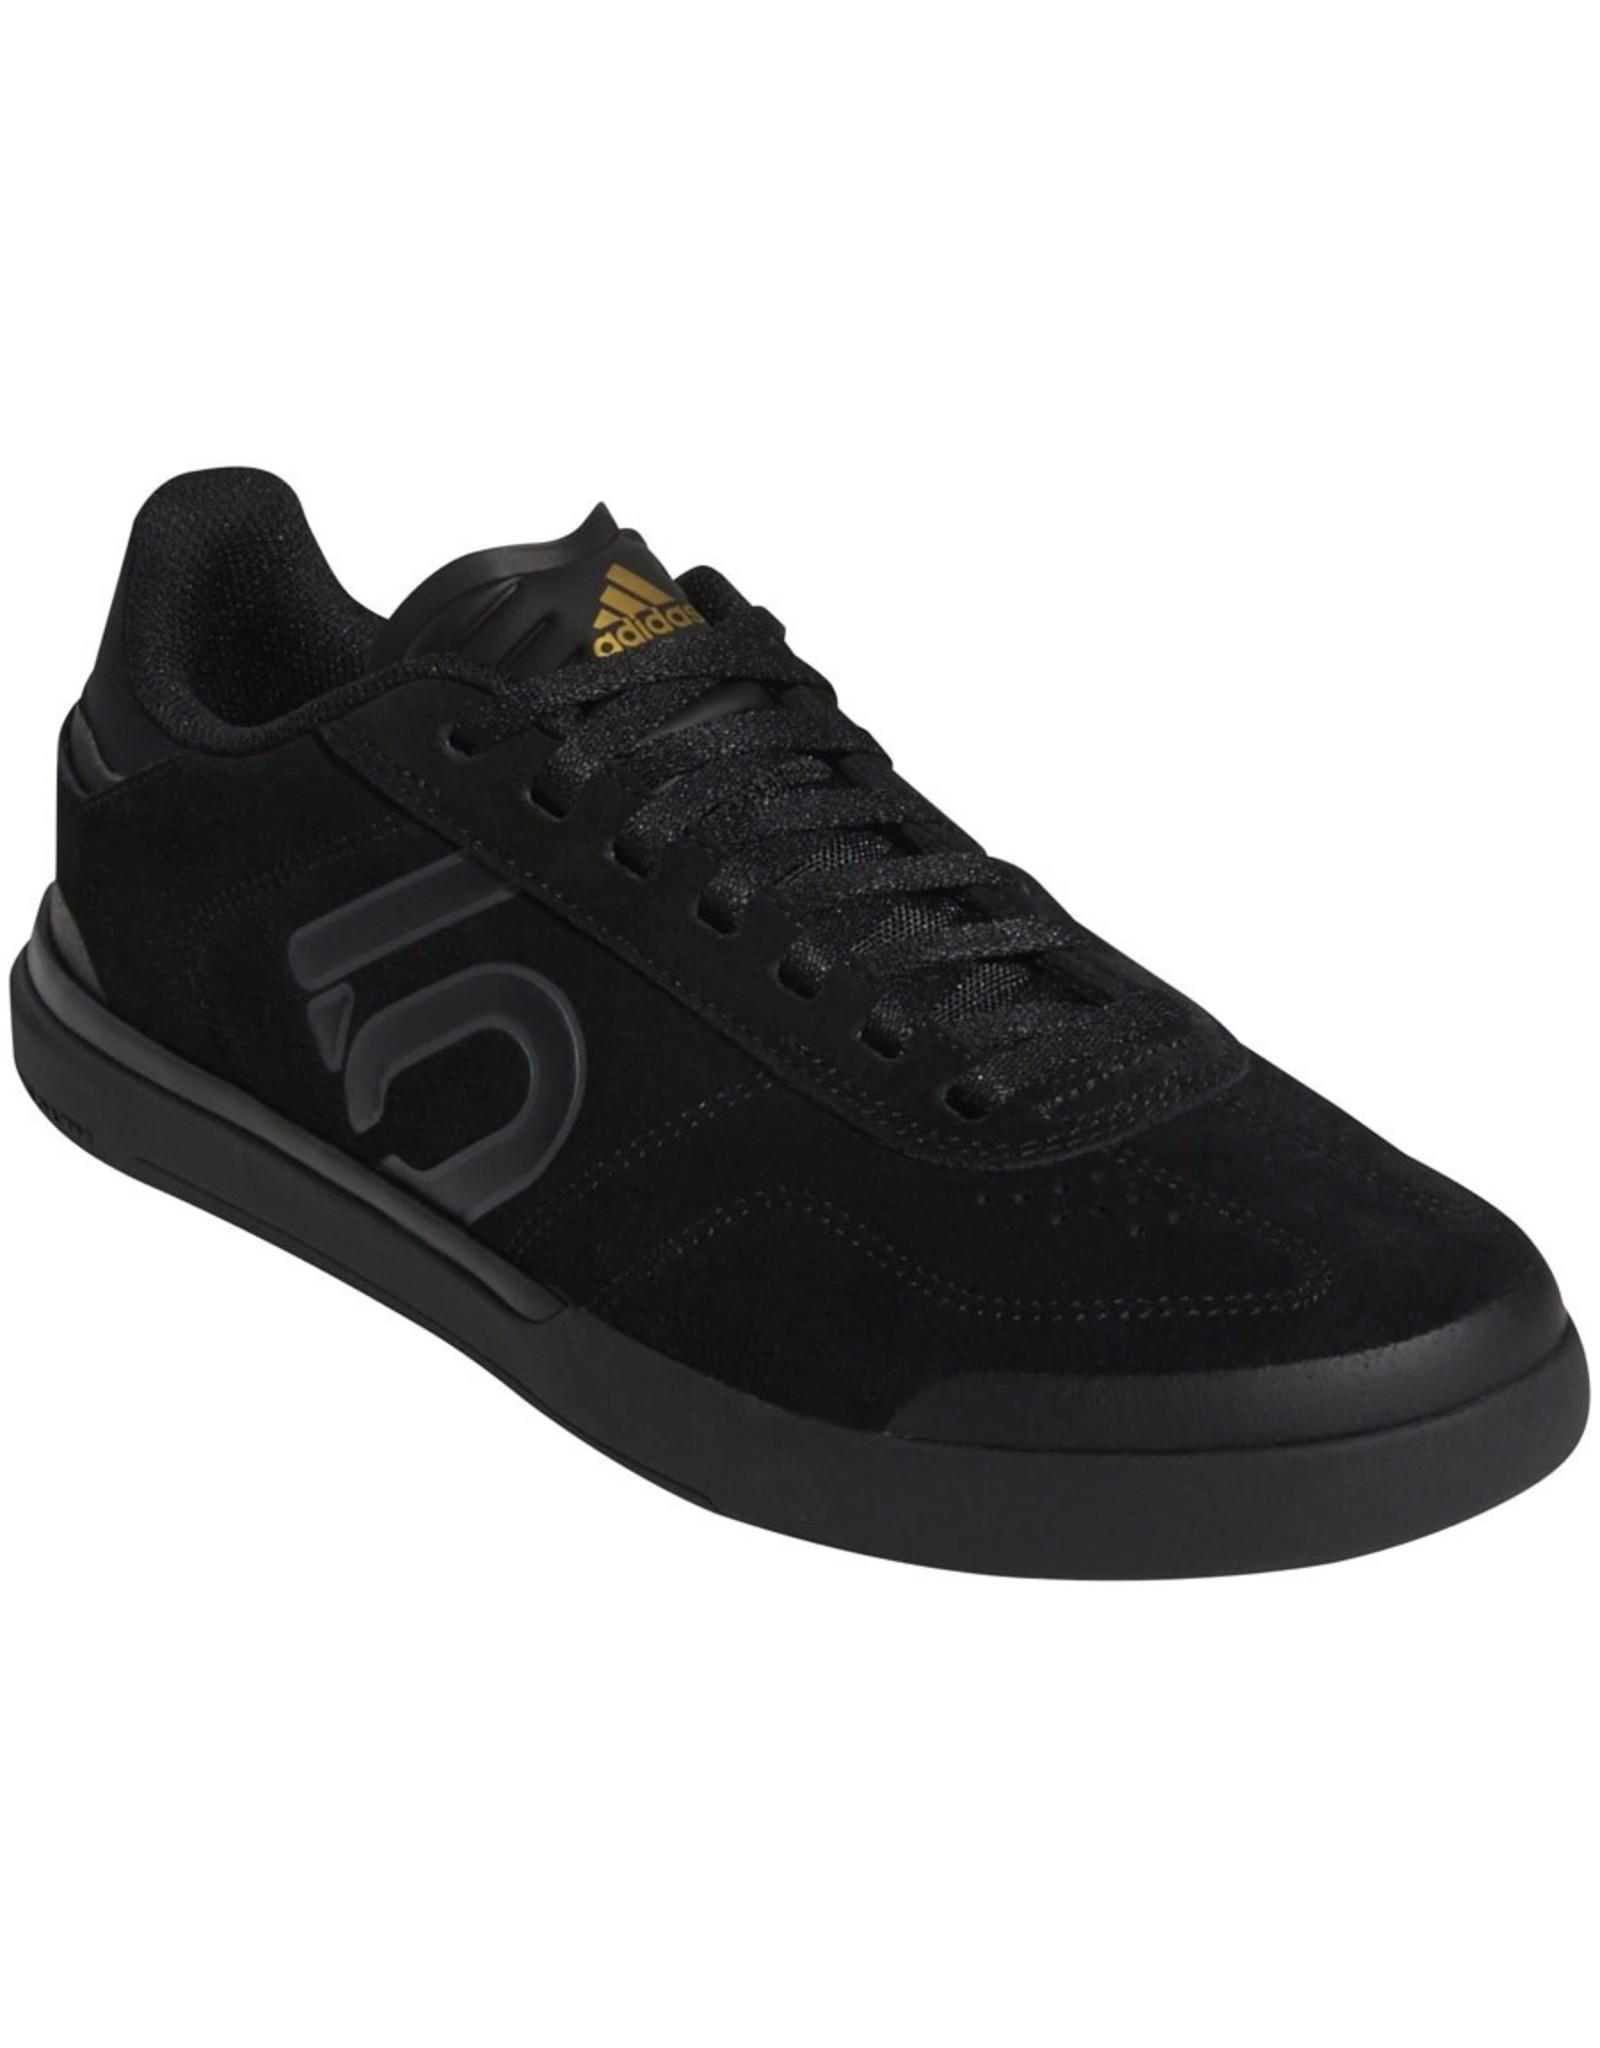 Five Ten Five Ten Sleuth DLX Women's Flat Shoe: Black/Gray Six/Matte Gold